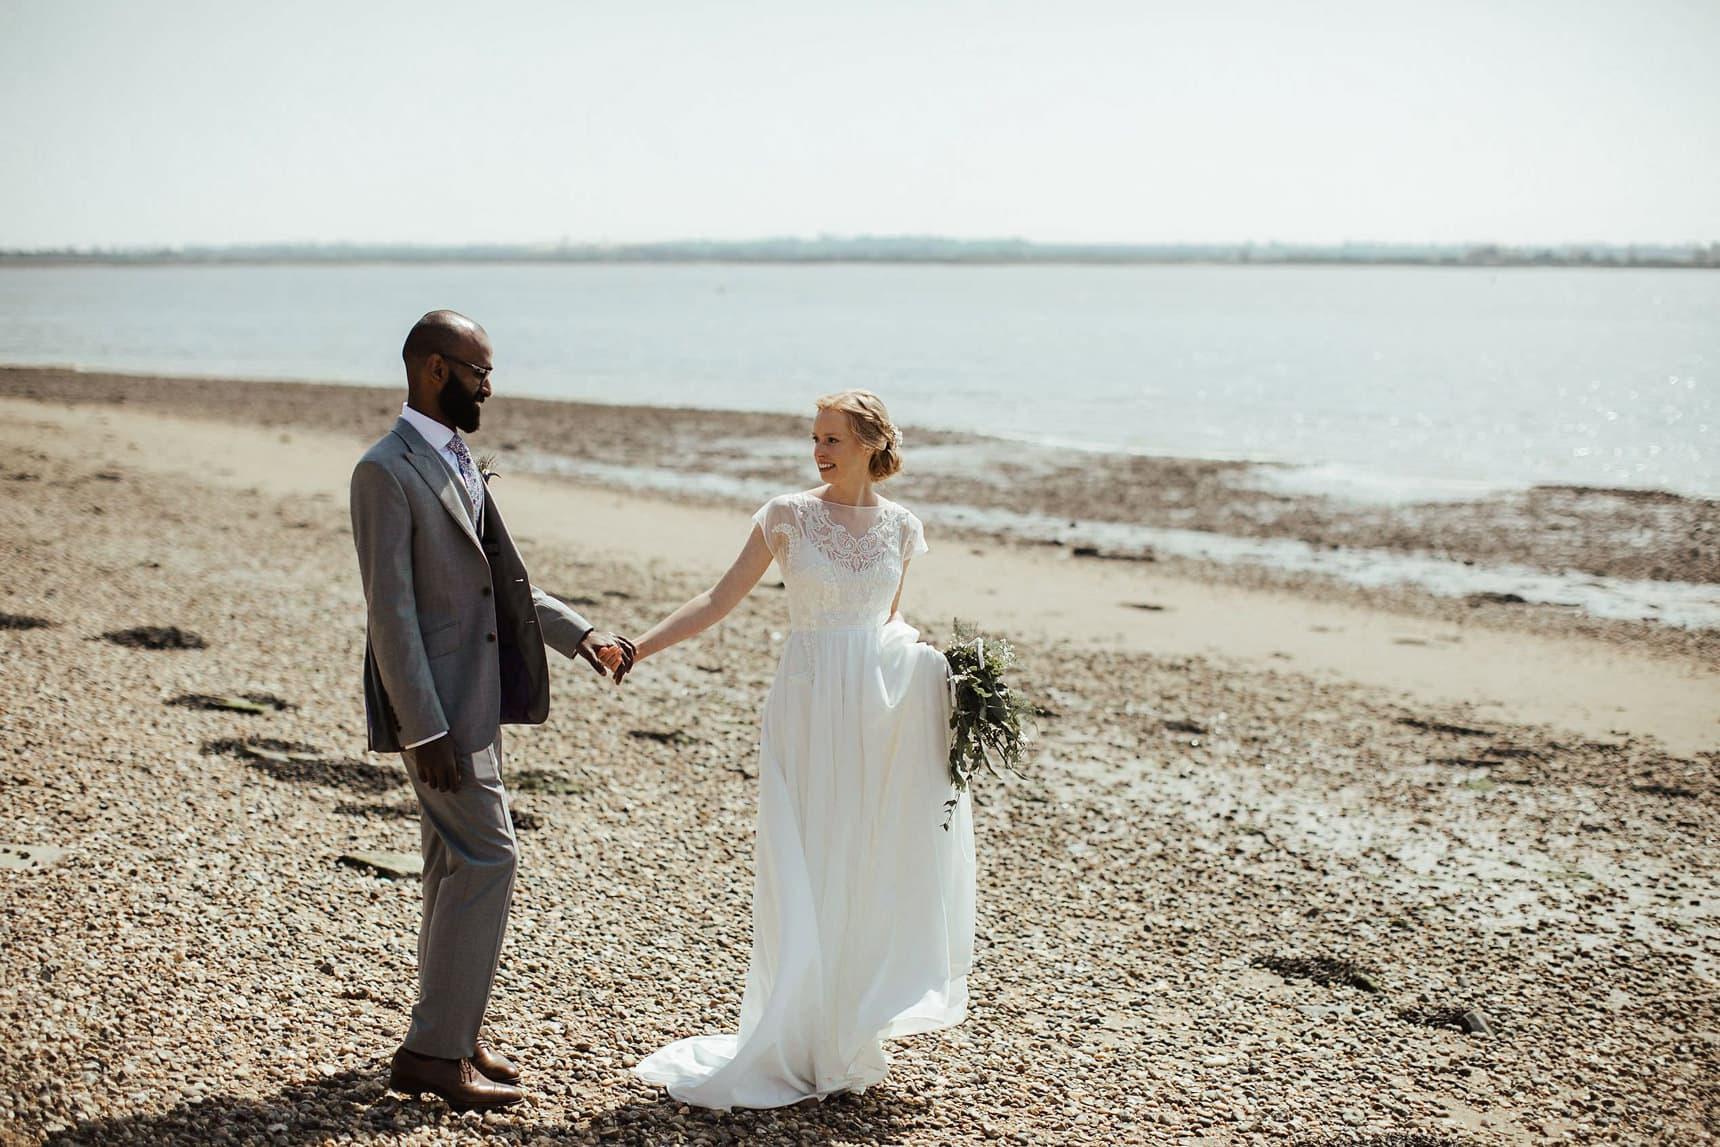 osea island essex wedding